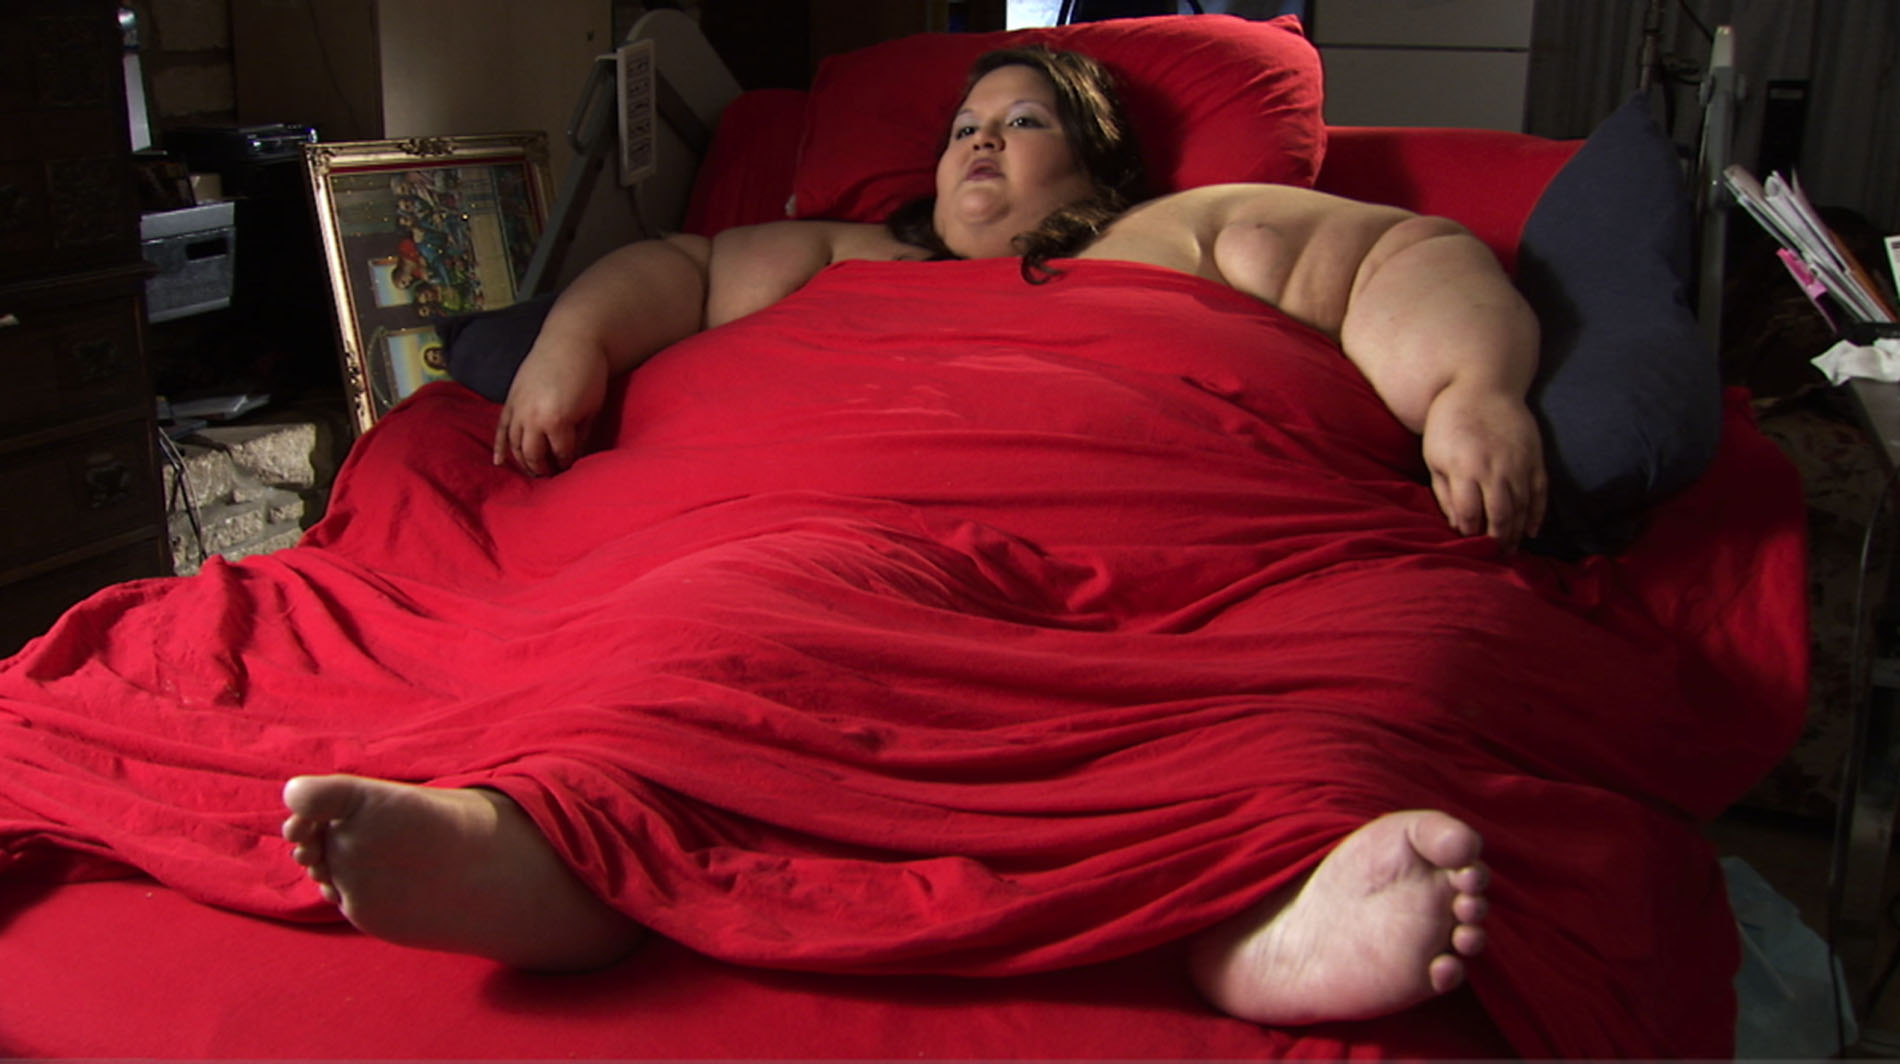 Толстая женщина в постели 2 фотография